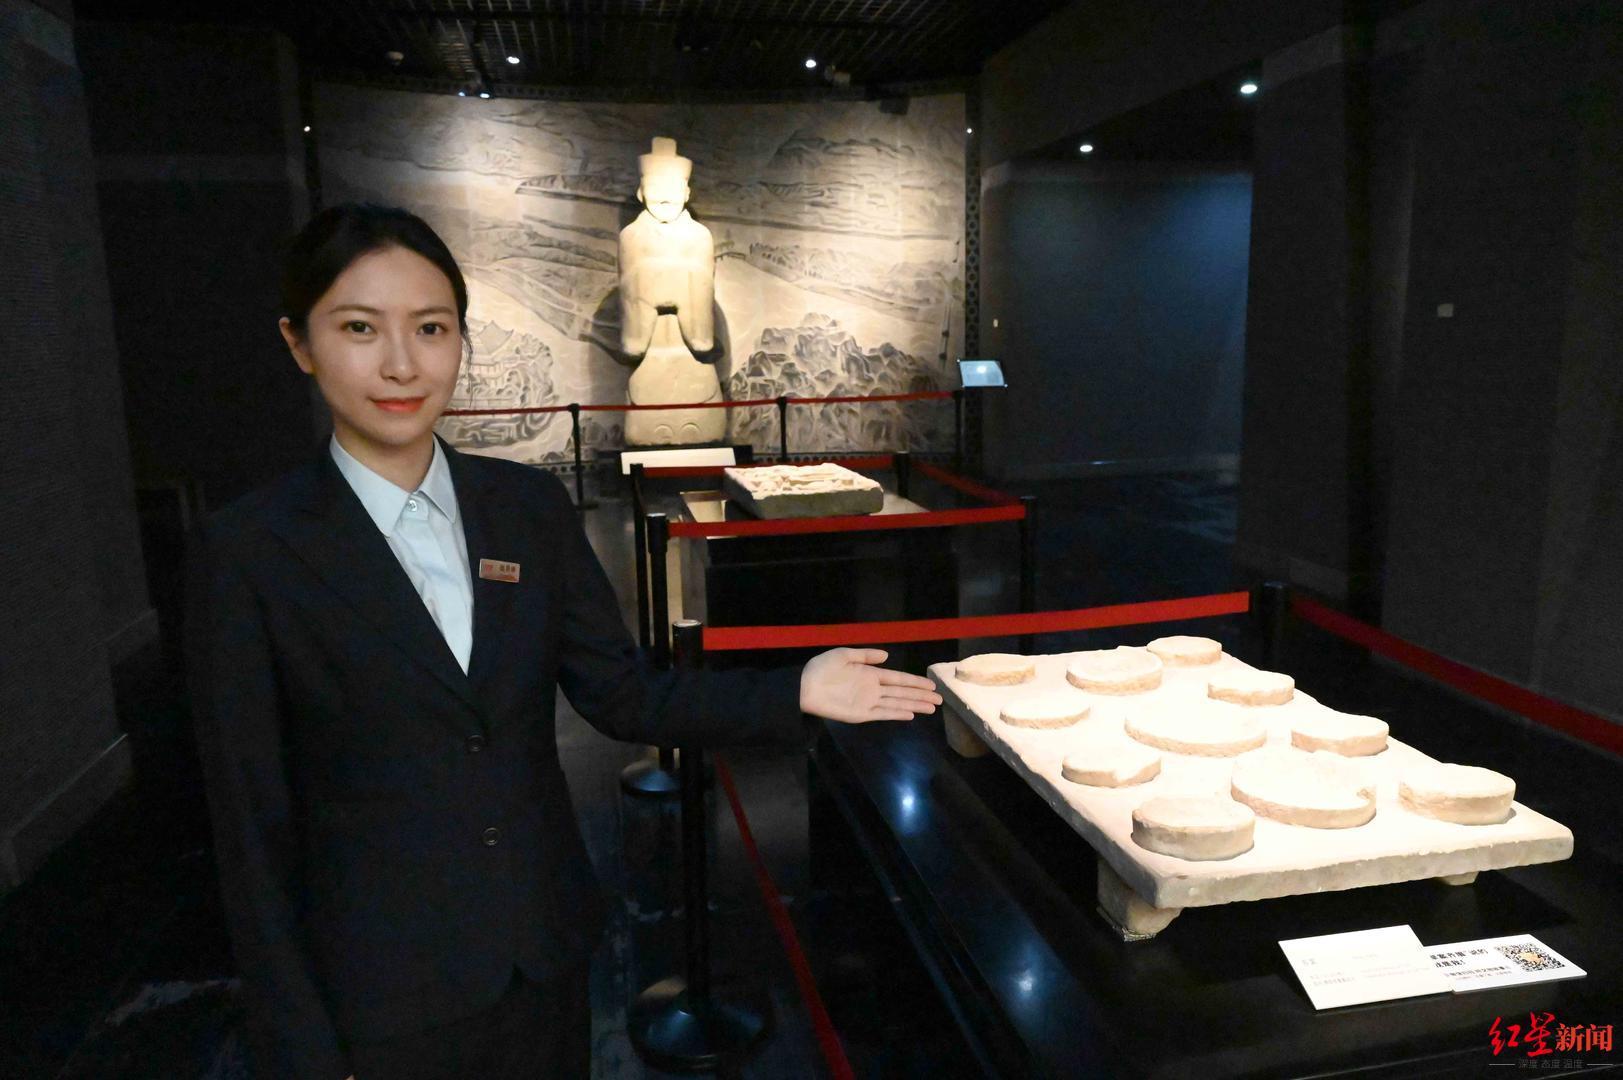 重新认识成都国宝系列①丨四川博物院:杯盘整齐的石案,忙碌专注的庖厨